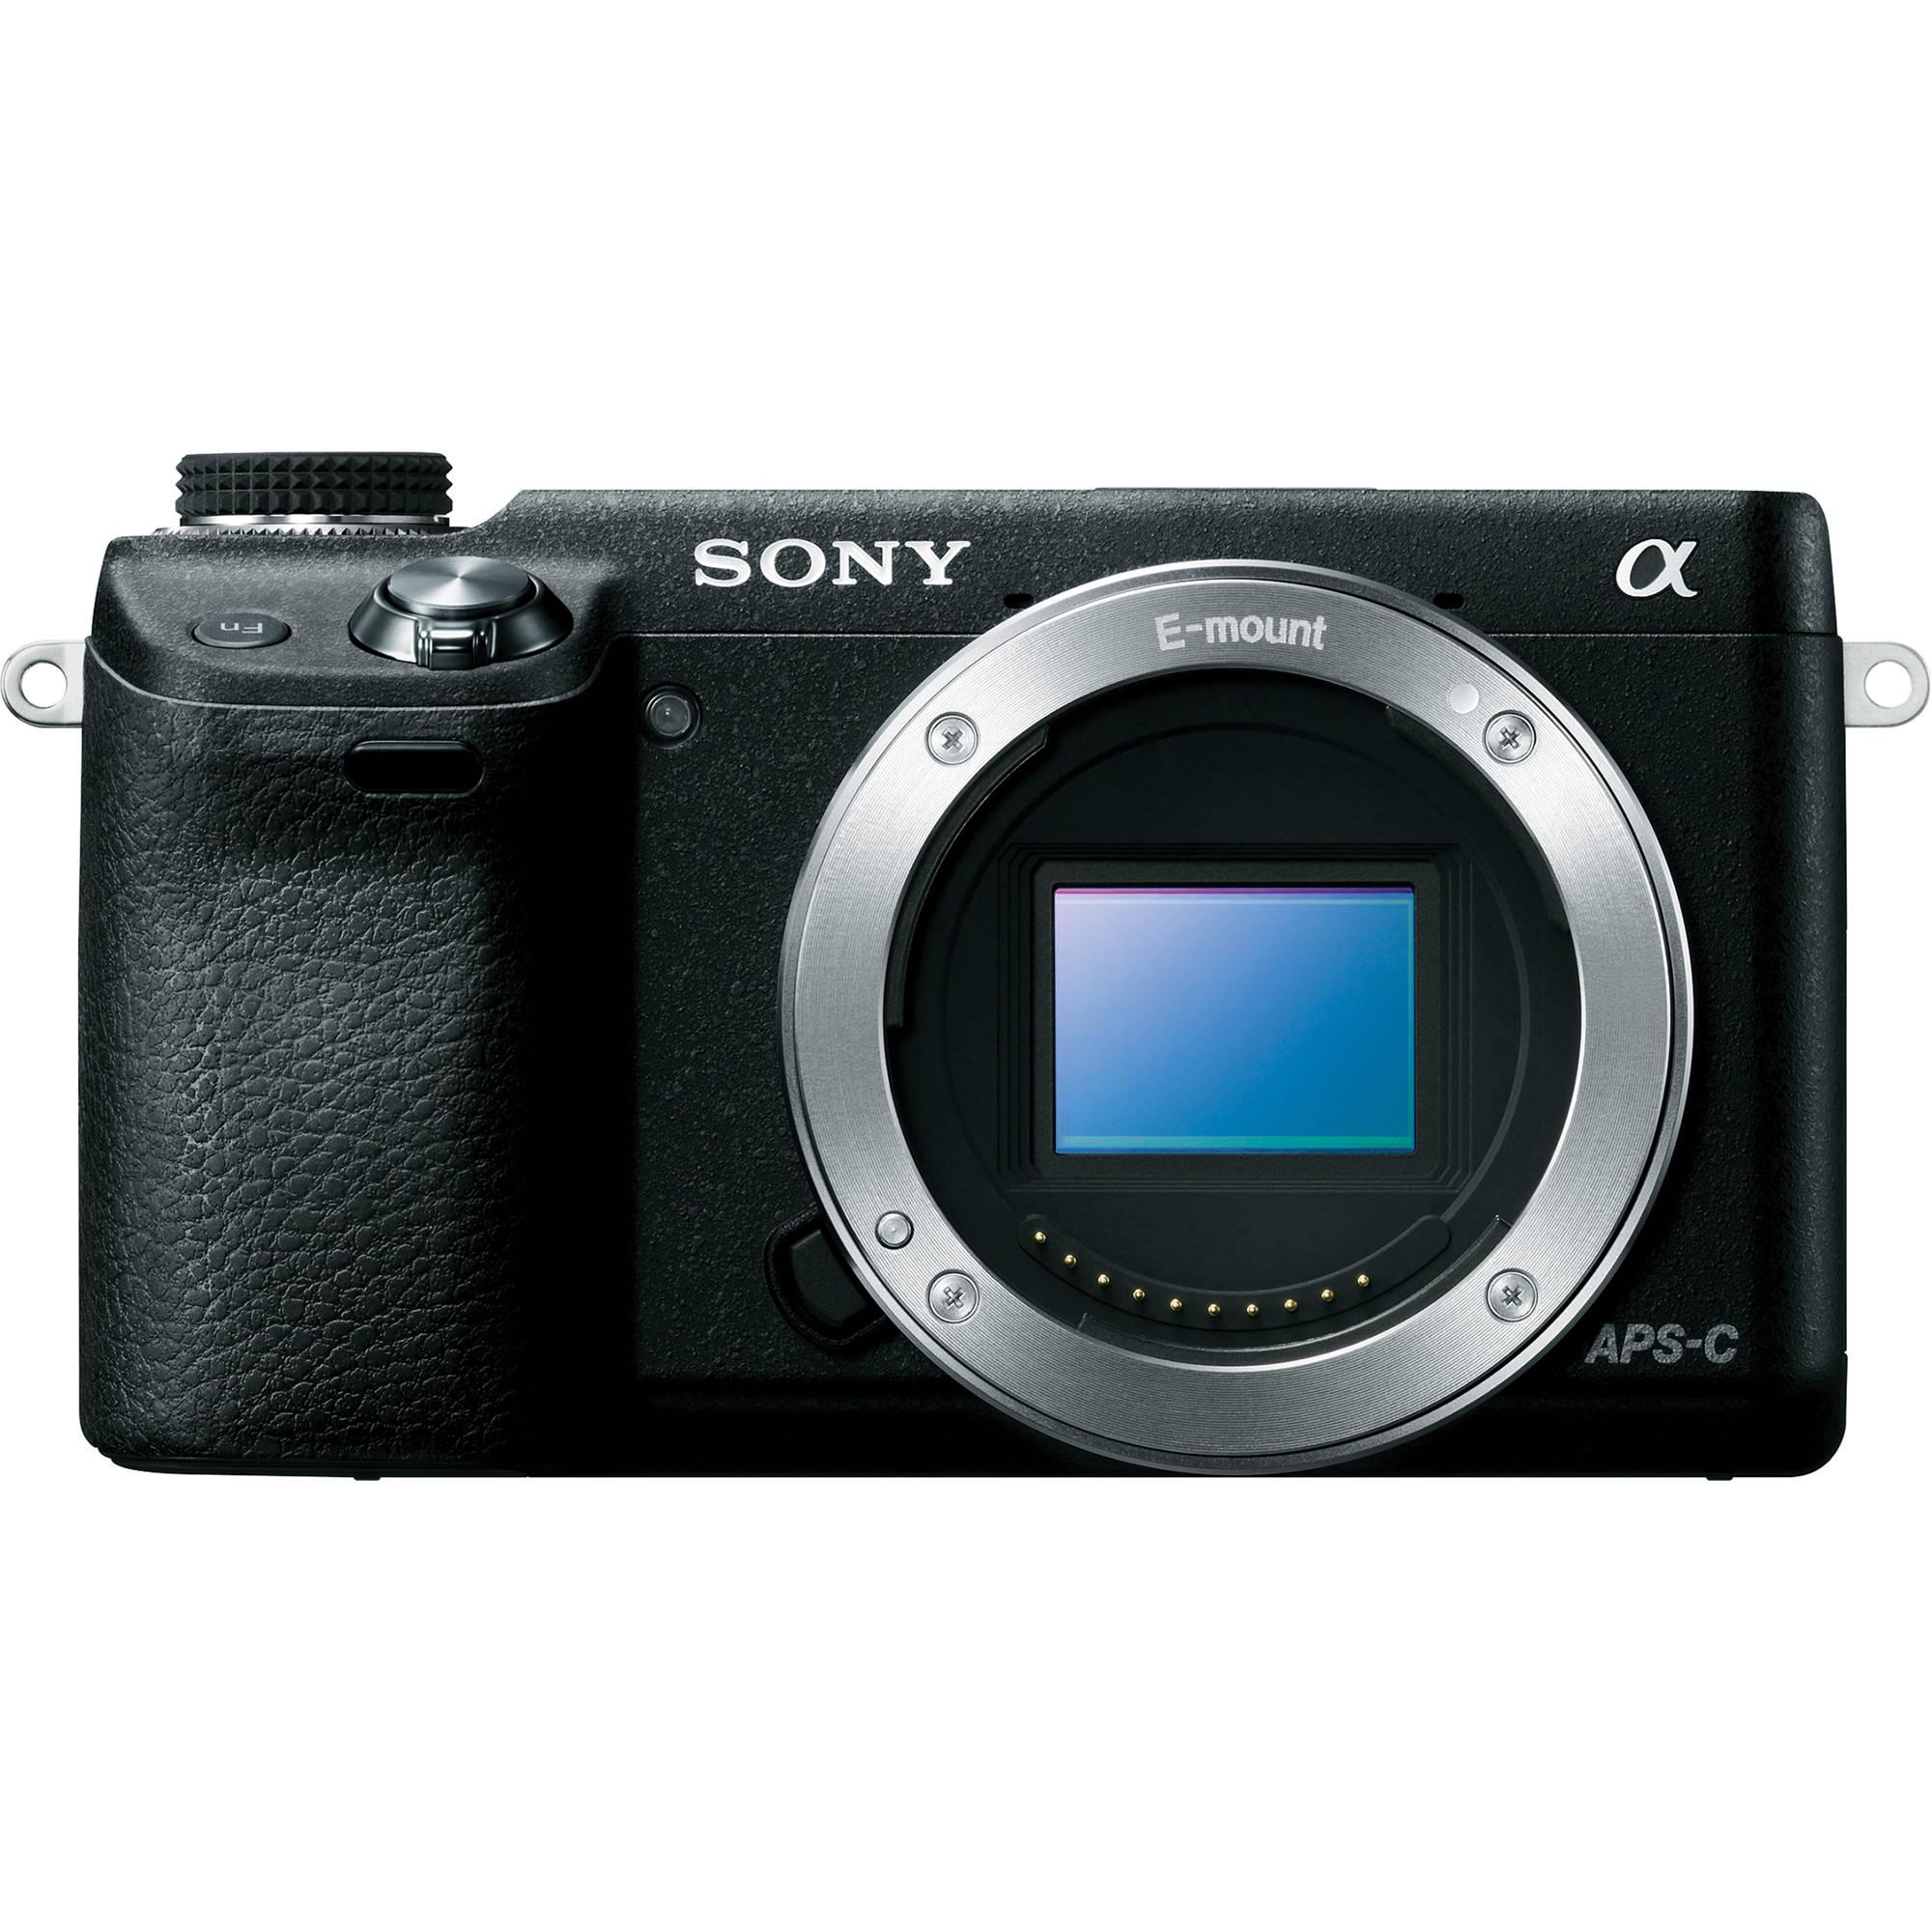 Thrifty Beginners Sony Alpha Mirrorless Digital Camera Body Compare Sony Vs Sony Vs Sony Photo Sony A5100 Vs A6000 Dxomark Sony A5100 Vs A6000 dpreview Sony A5100 Vs A6000